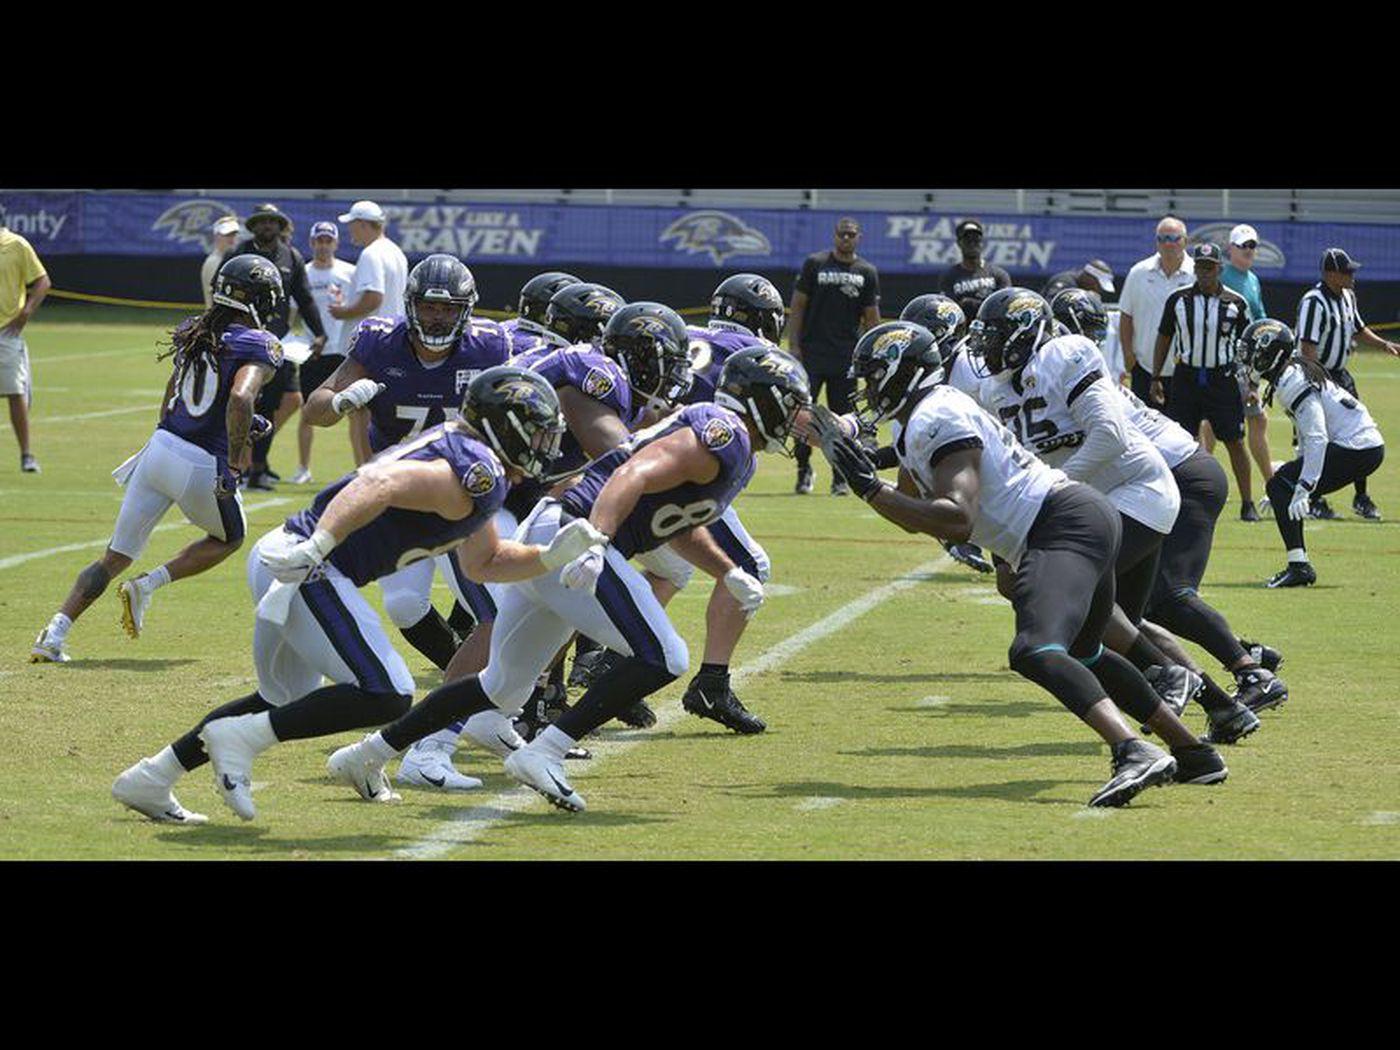 Jaguars vs  Ravens: Live blog from Week 1 preseason opener - Big Cat